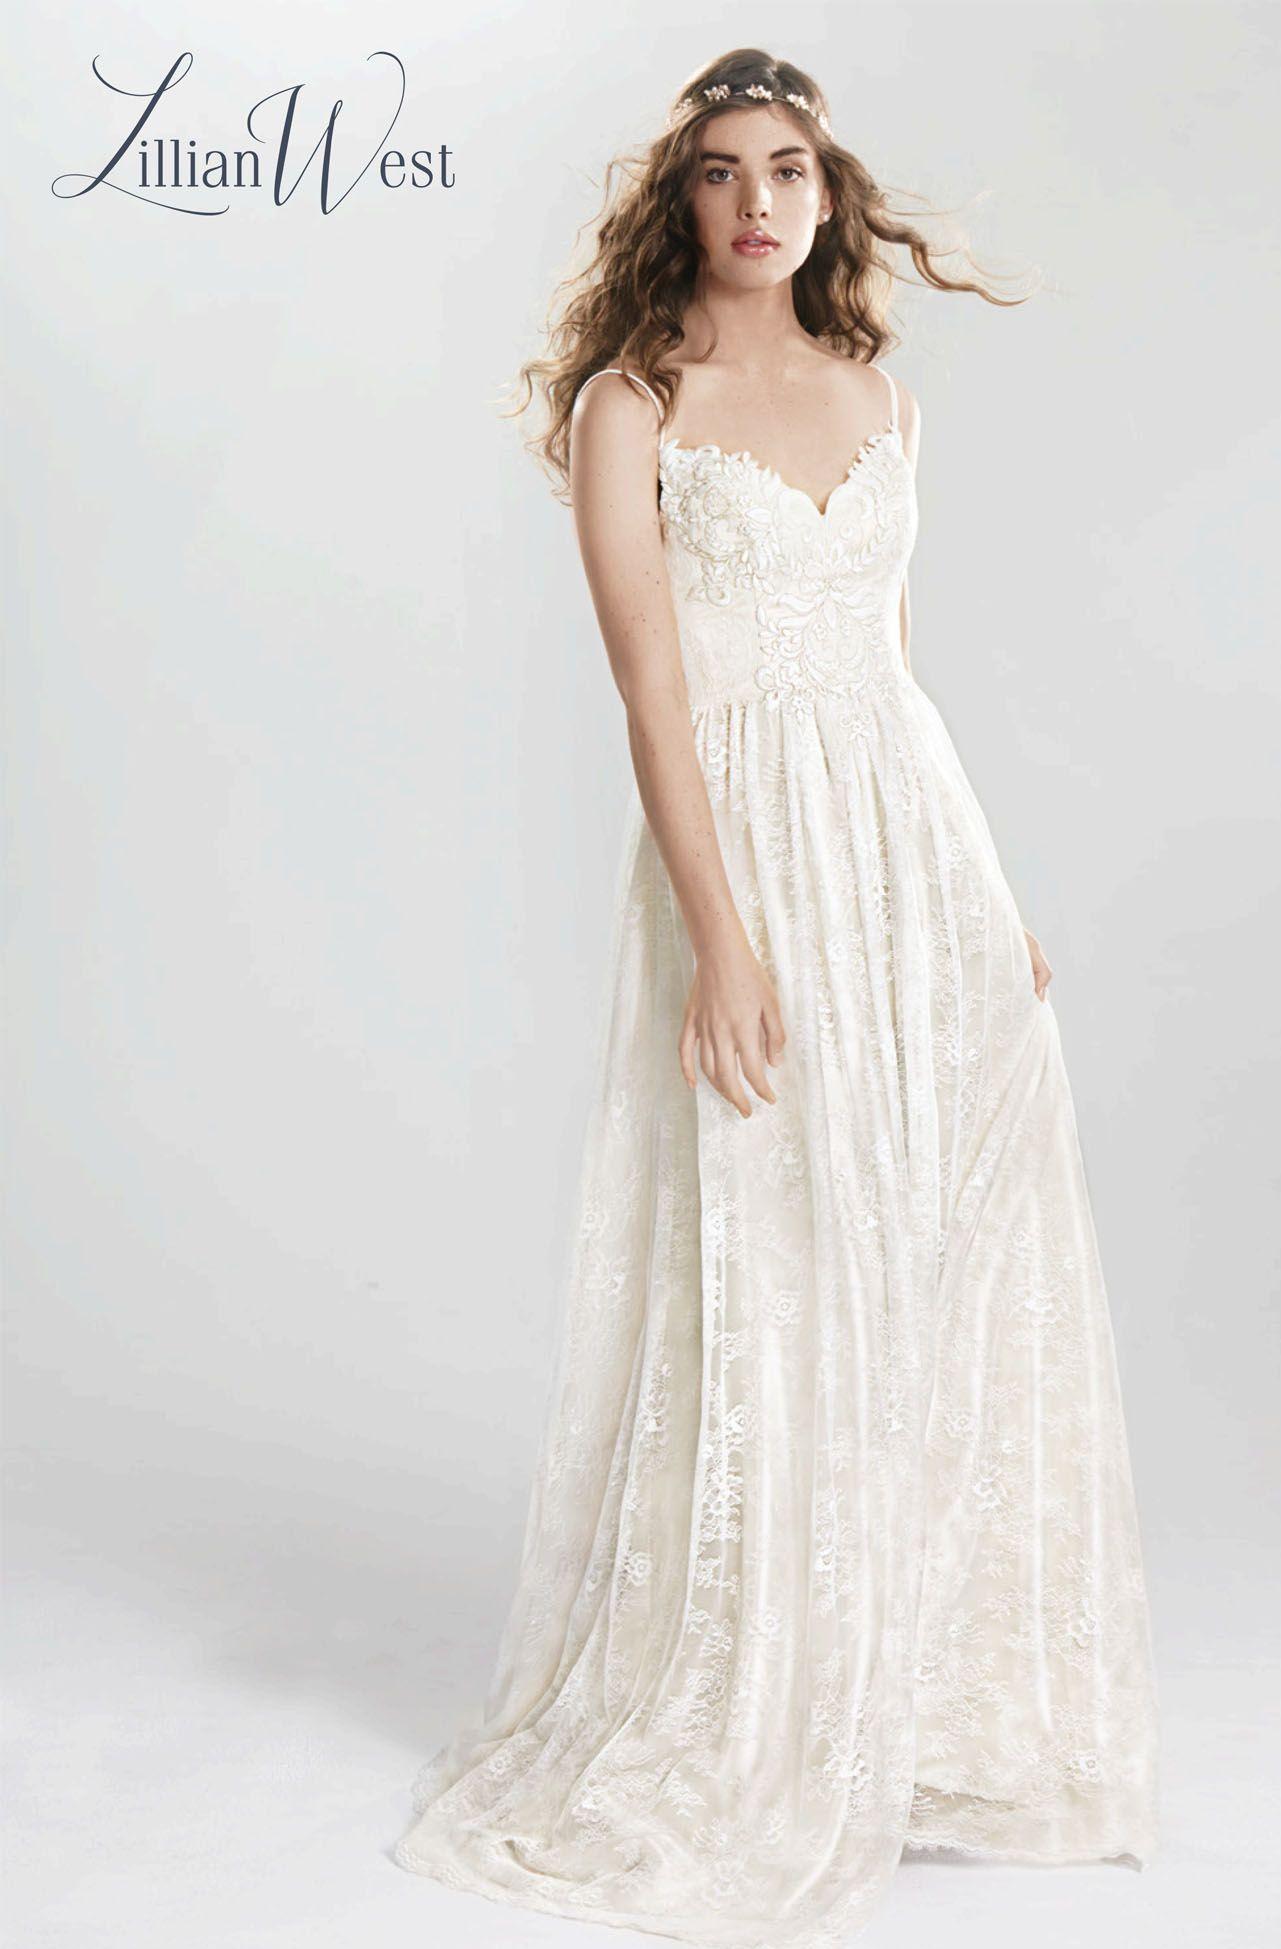 Lillian West Bridal Gowns Perth - Oxford Bridal